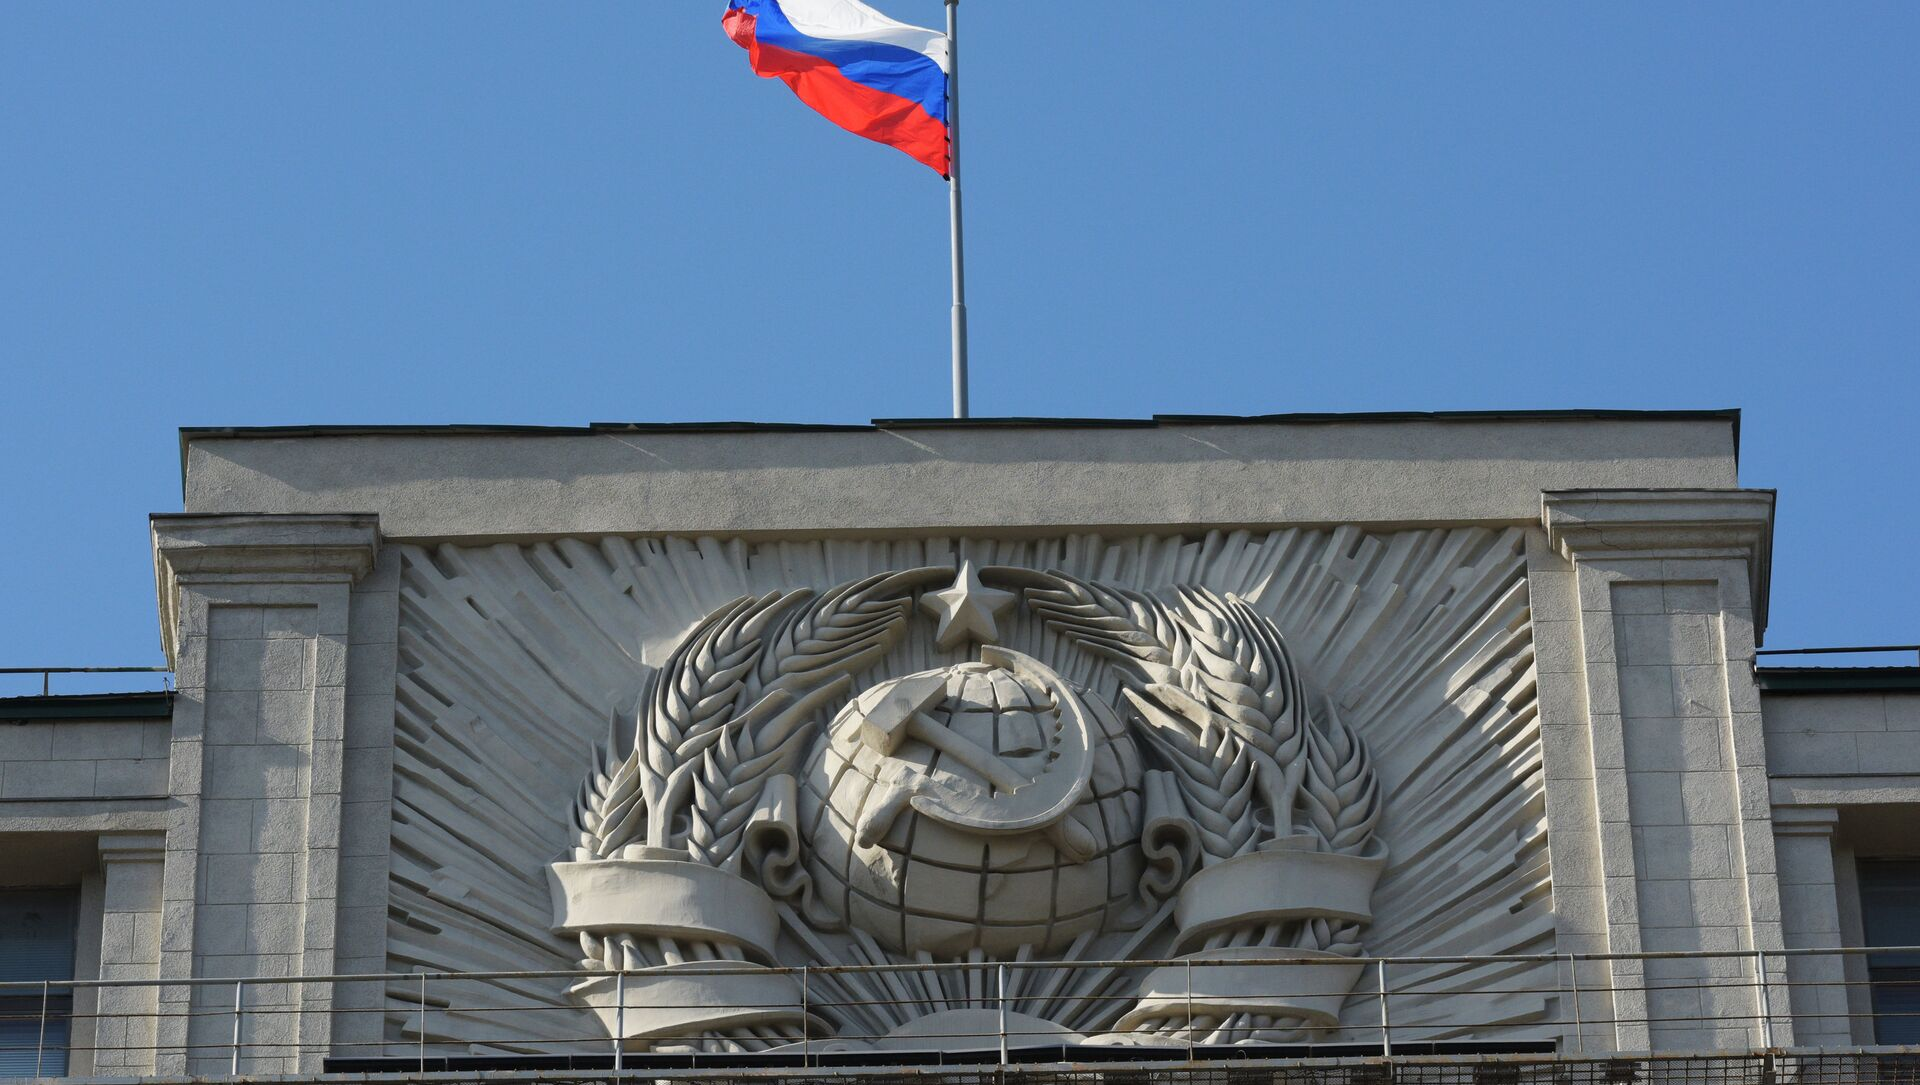 Флаг на здании Государственной Думы РФ на улице Охотный Ряд в Москве - Sputnik Аҧсны, 1920, 01.09.2021